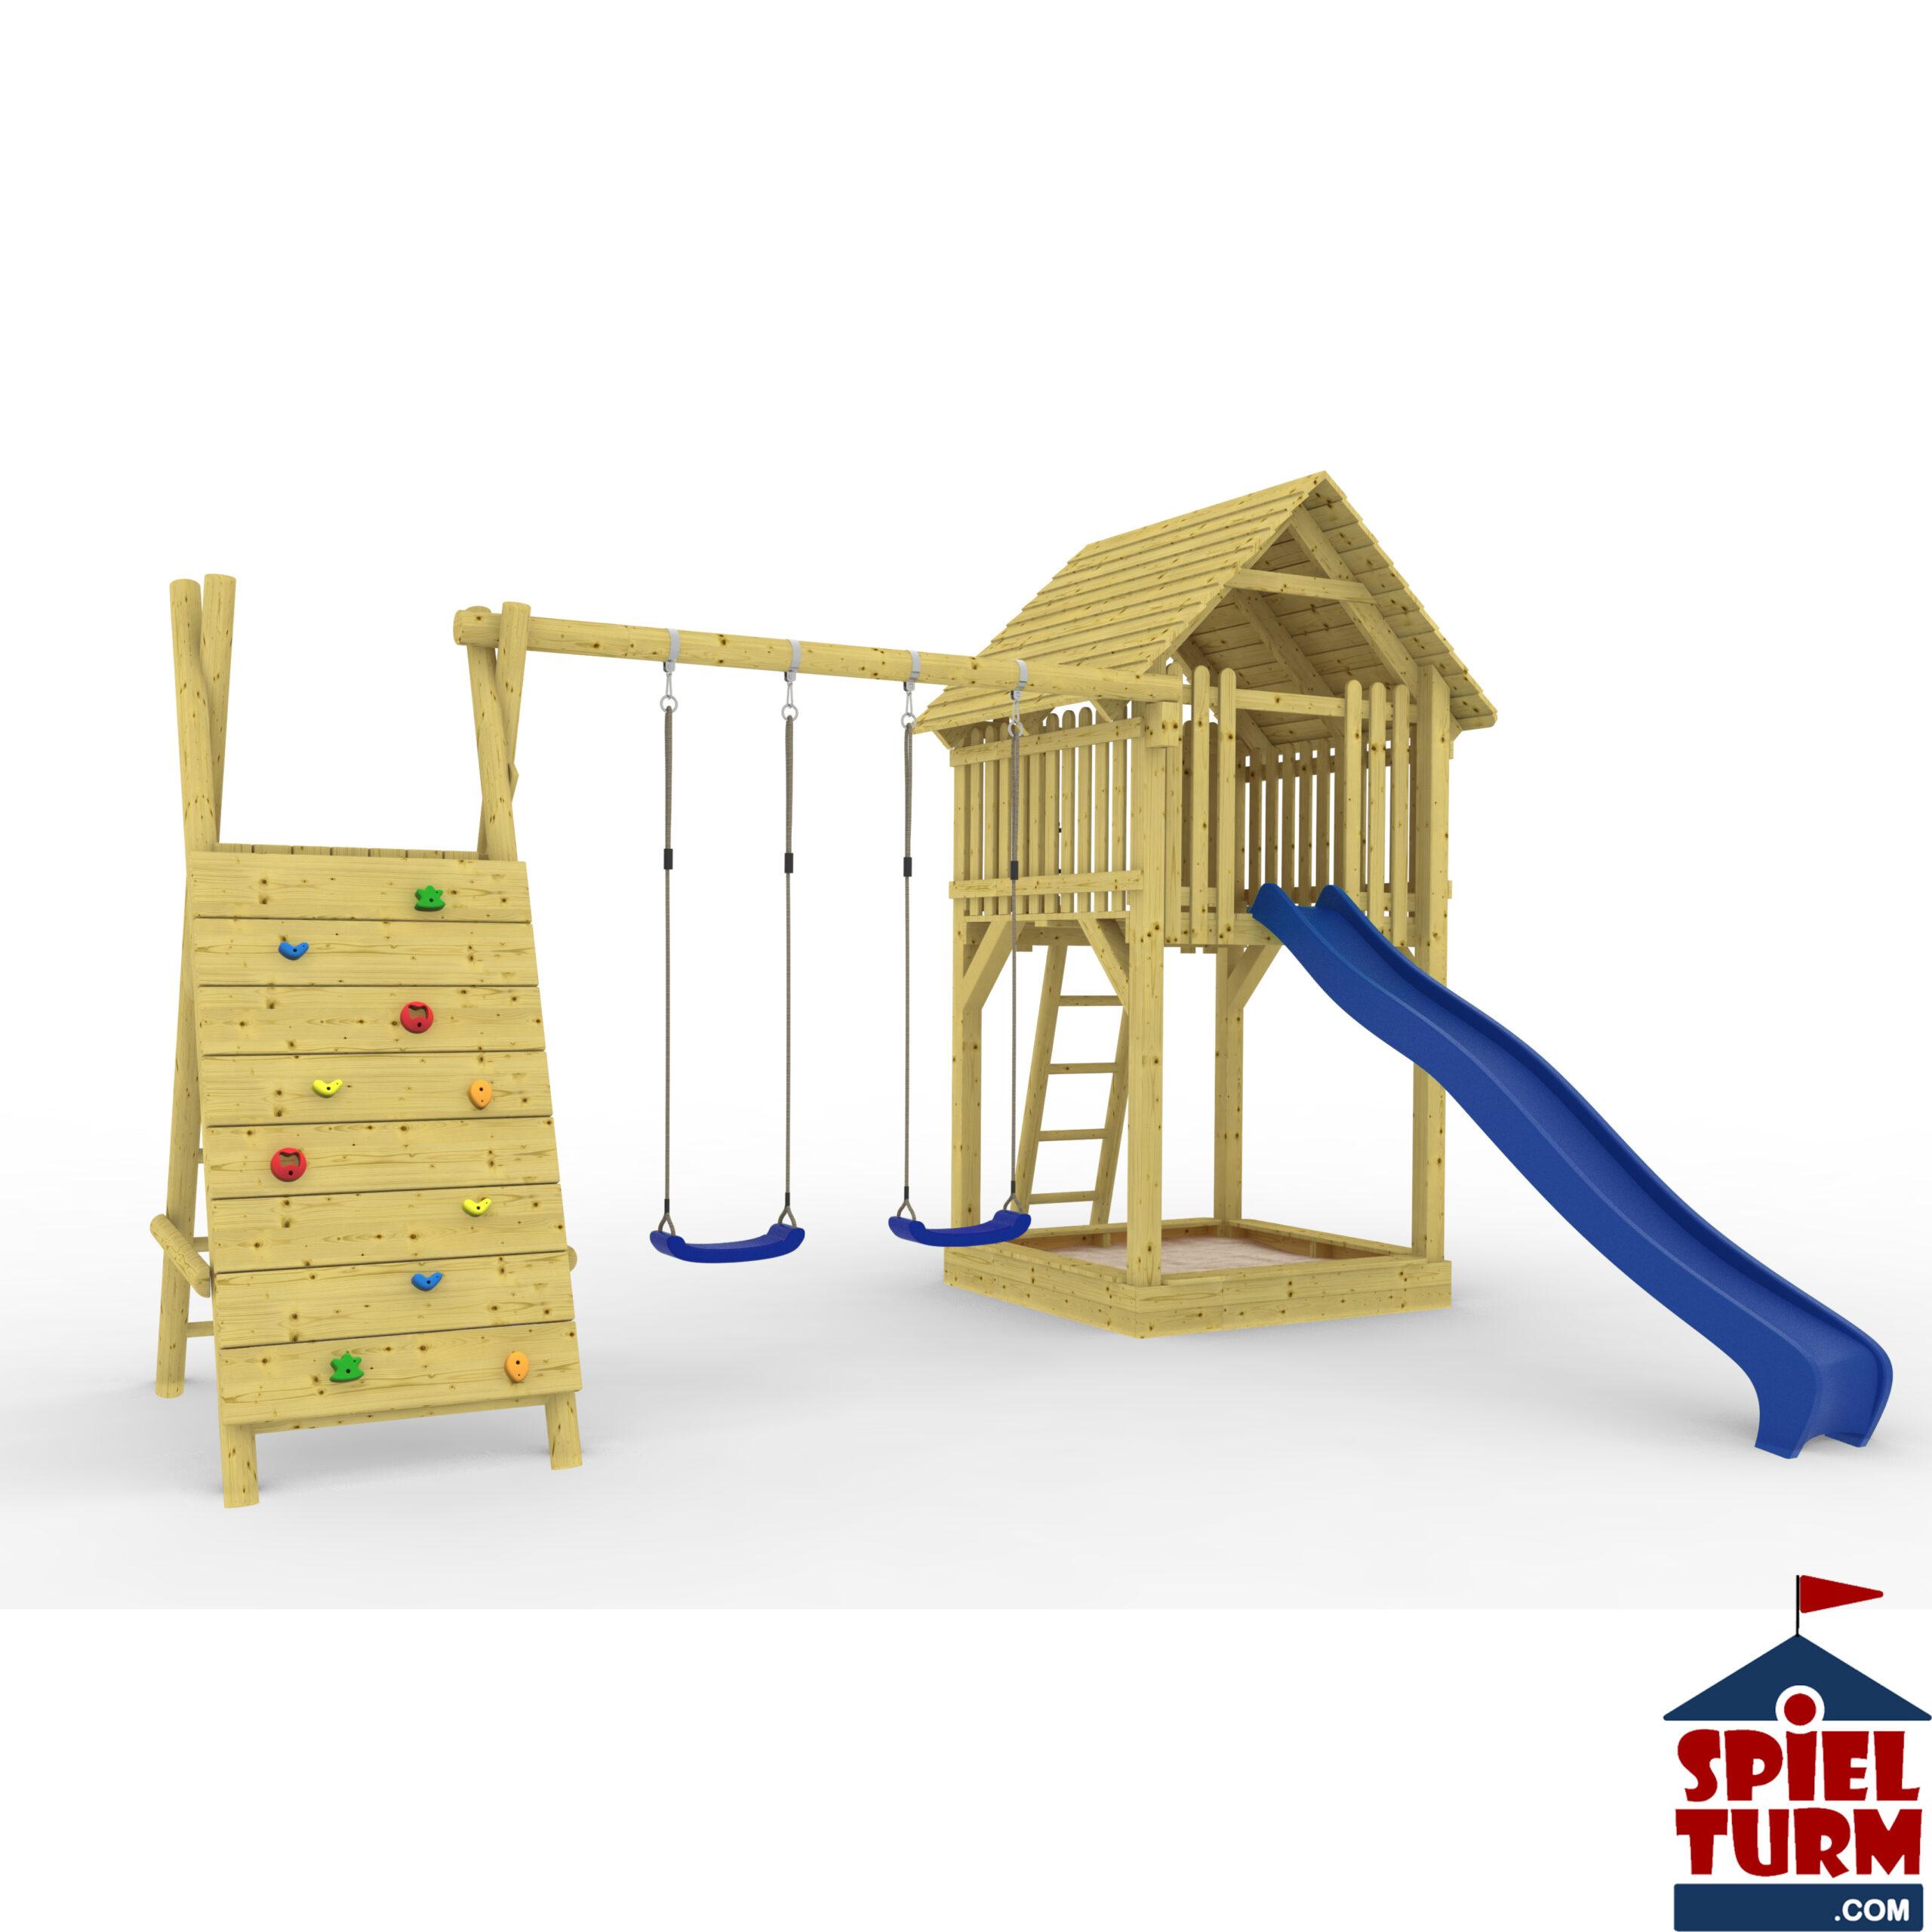 Full Size of Spielturm Aus Holz Stelzenhaus Schaukel Und Mehr Bad Abverkauf Inselküche Garten Kinderspielturm Wohnzimmer Spielturm Abverkauf